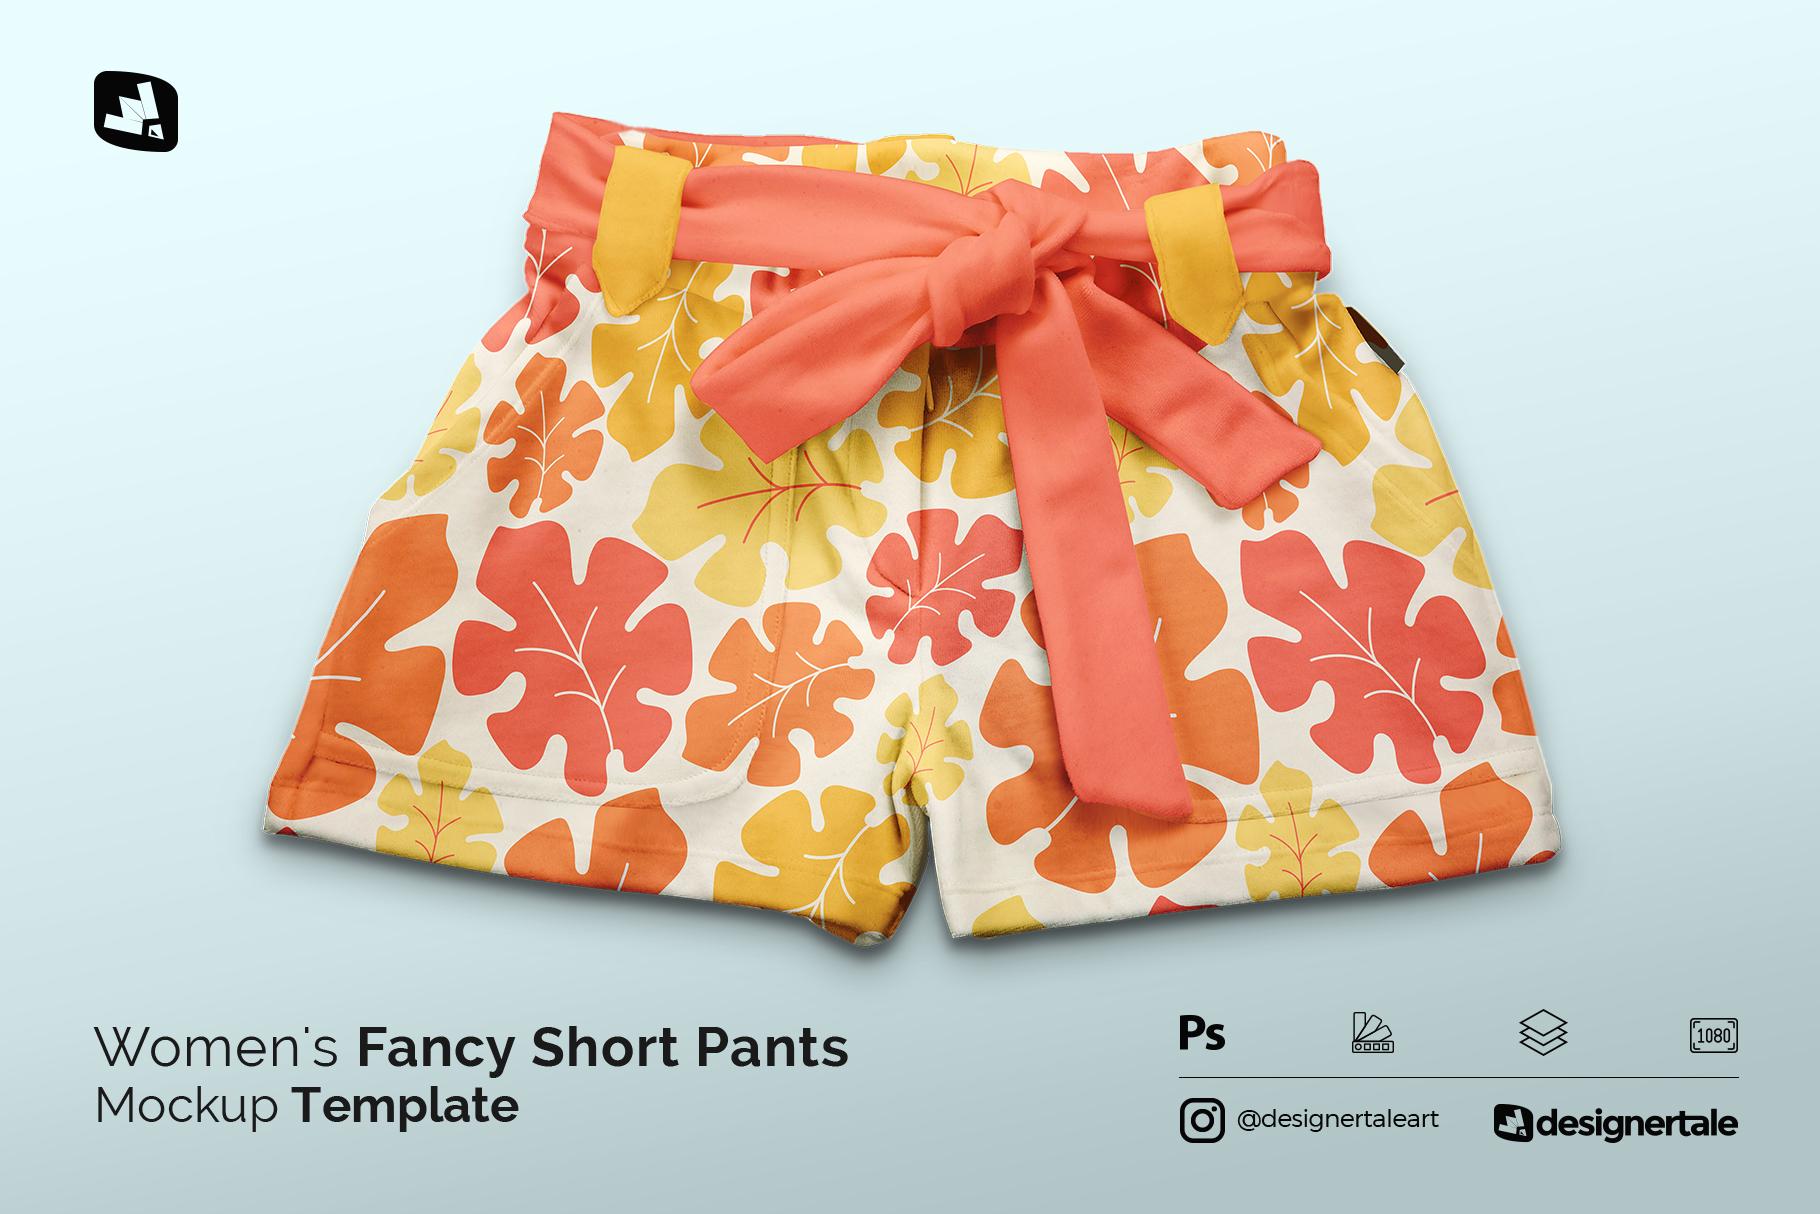 women's fancy short pants mockup